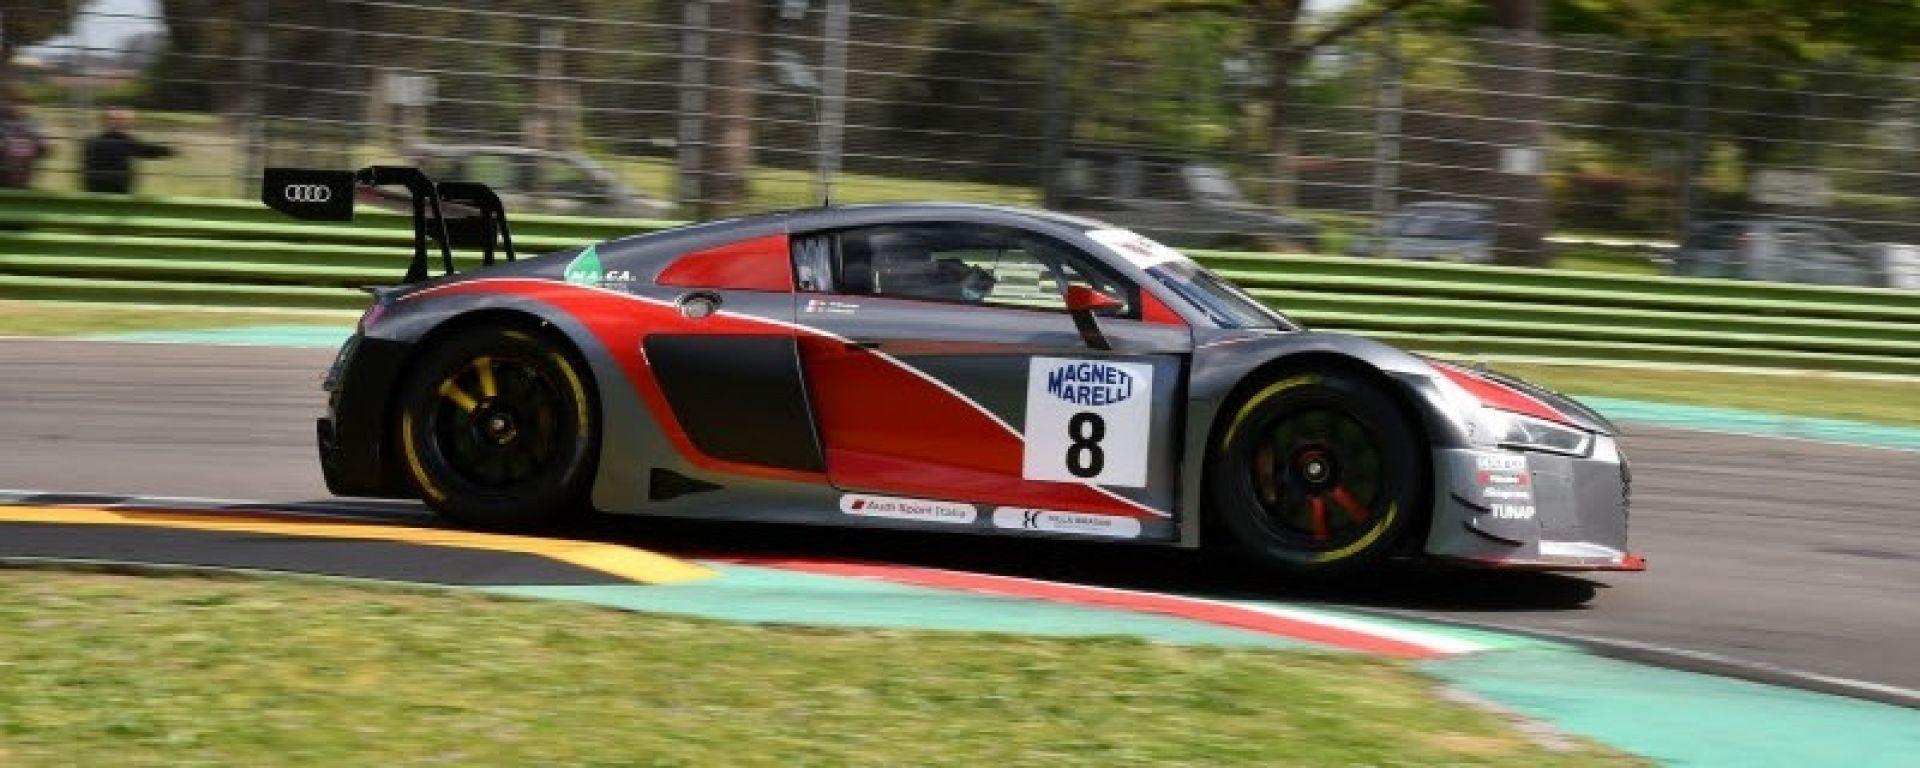 L'Audi R8 LMS all'assalto nella prossima tappa del Campionato GT Italiano 2017